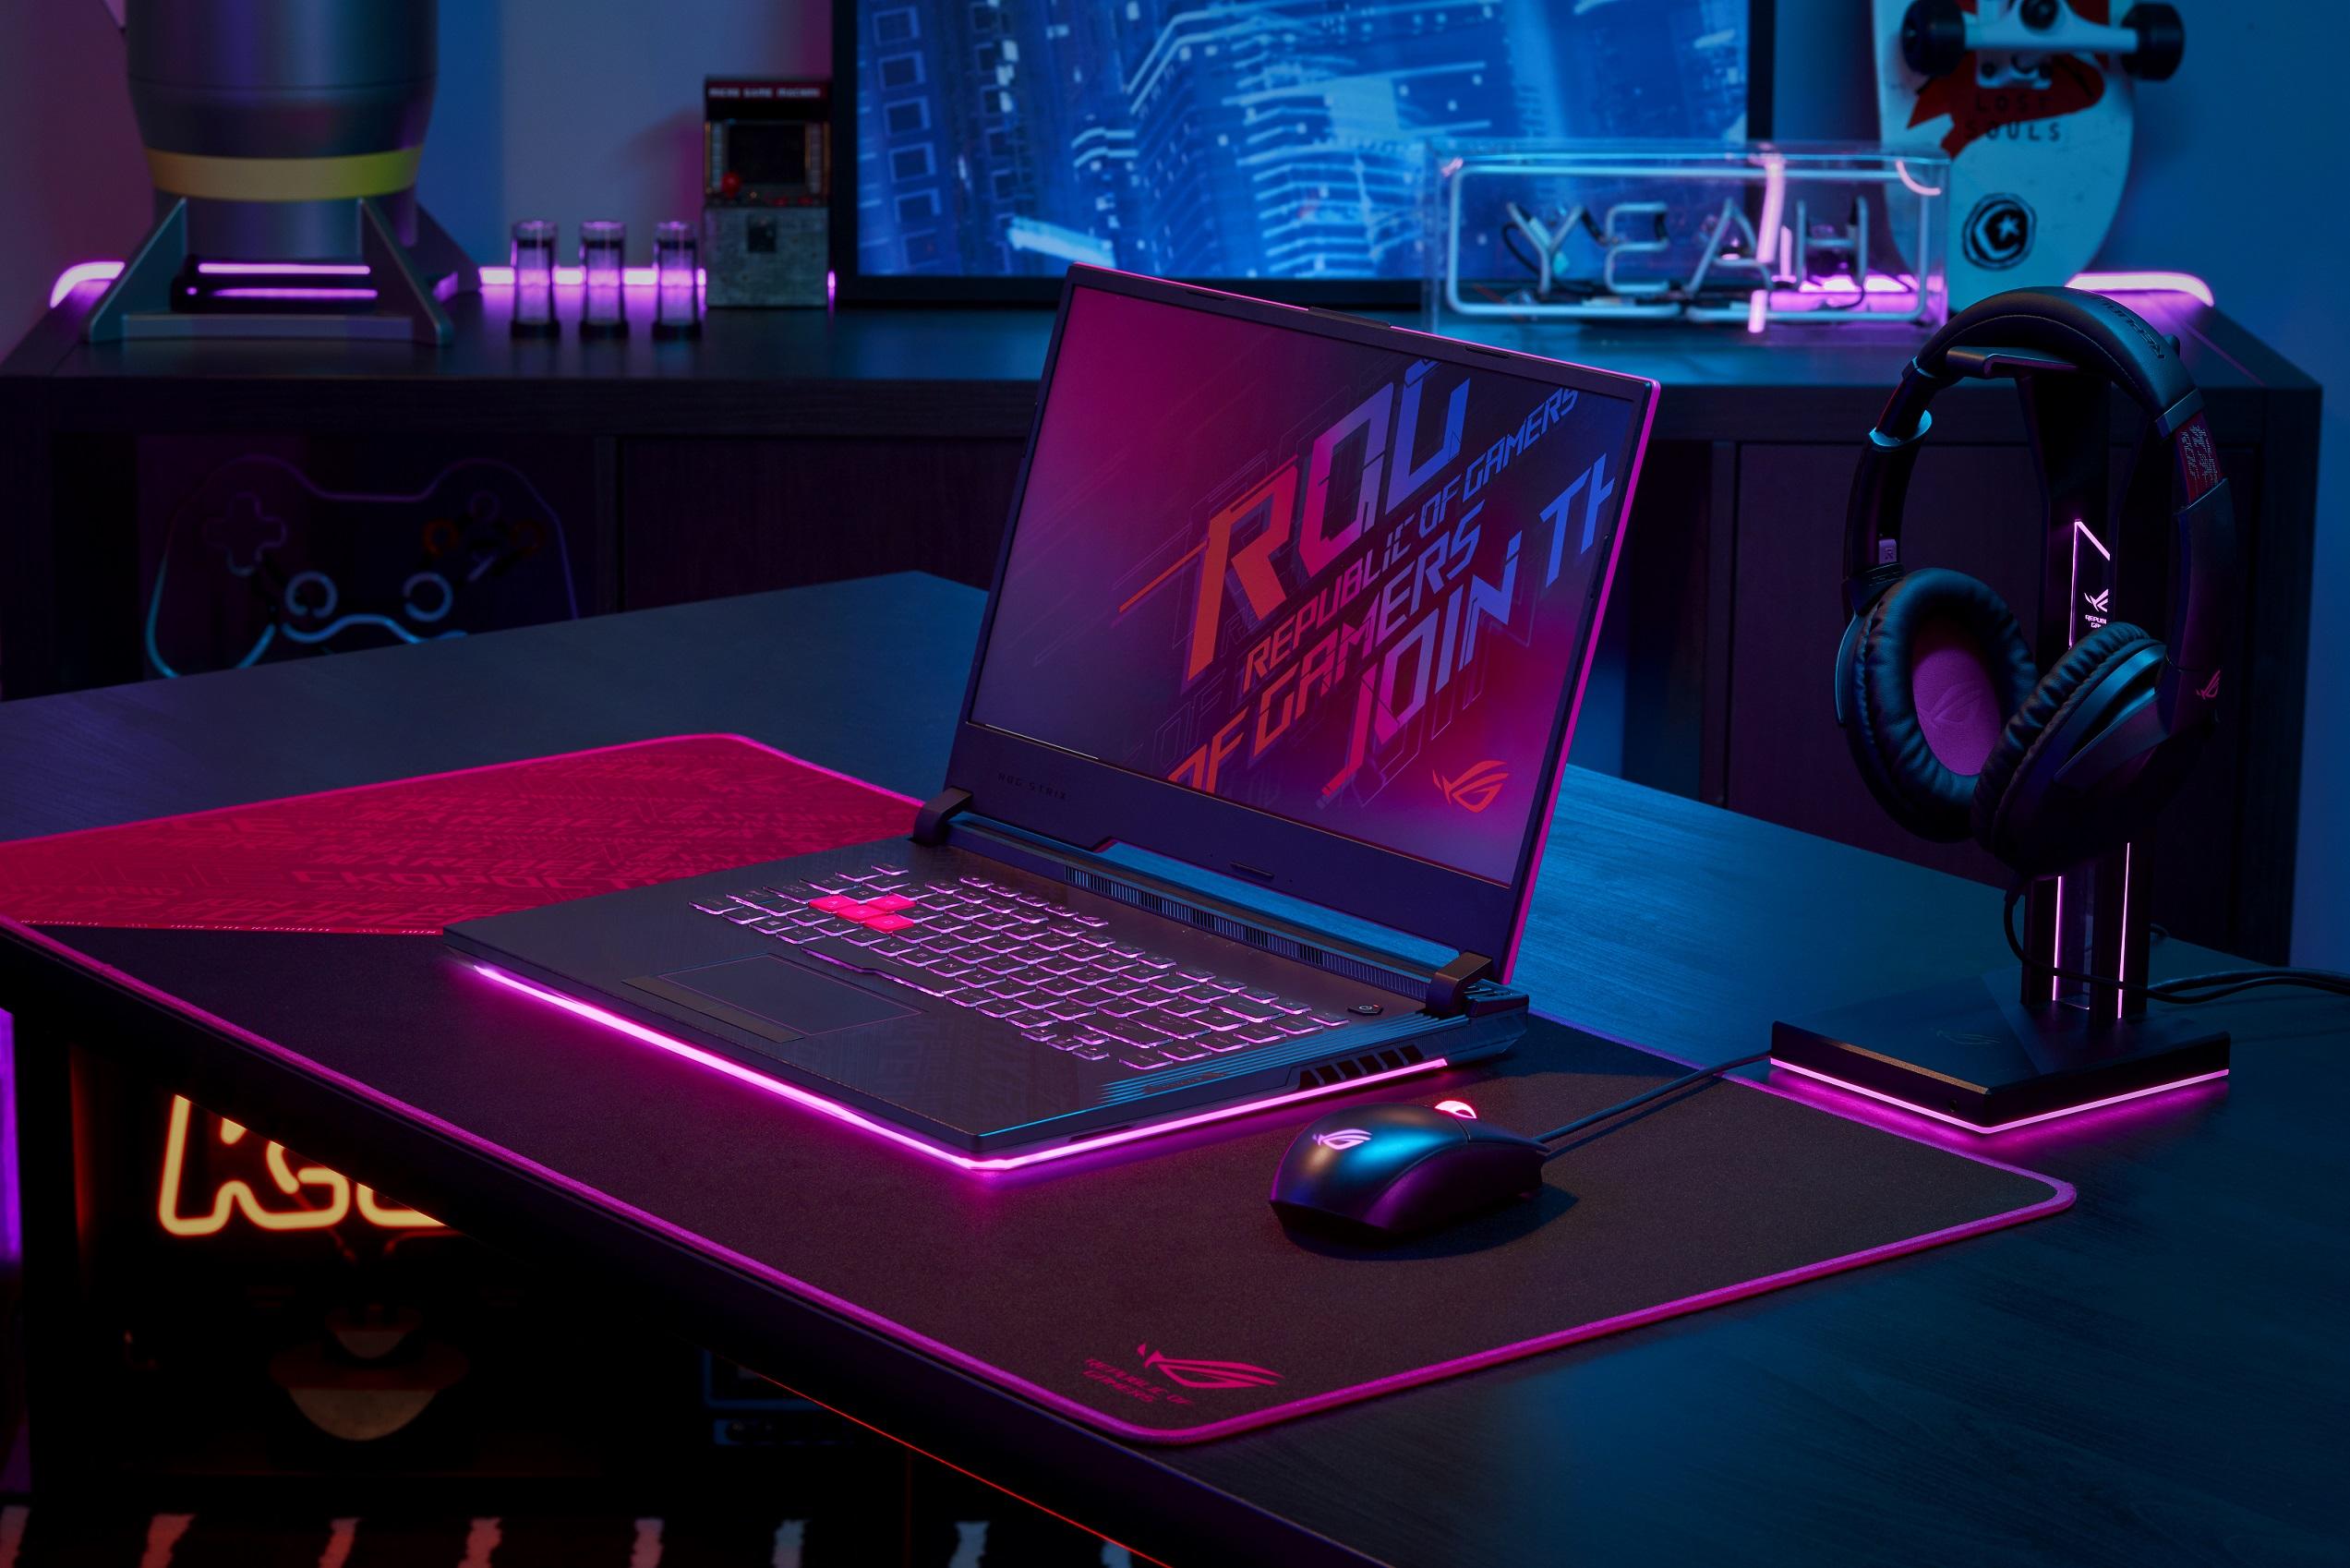 ROG Strix G15電馭粉具備超凡效能、優異散熱,從此掌握遊戲世界的致勝關鍵。